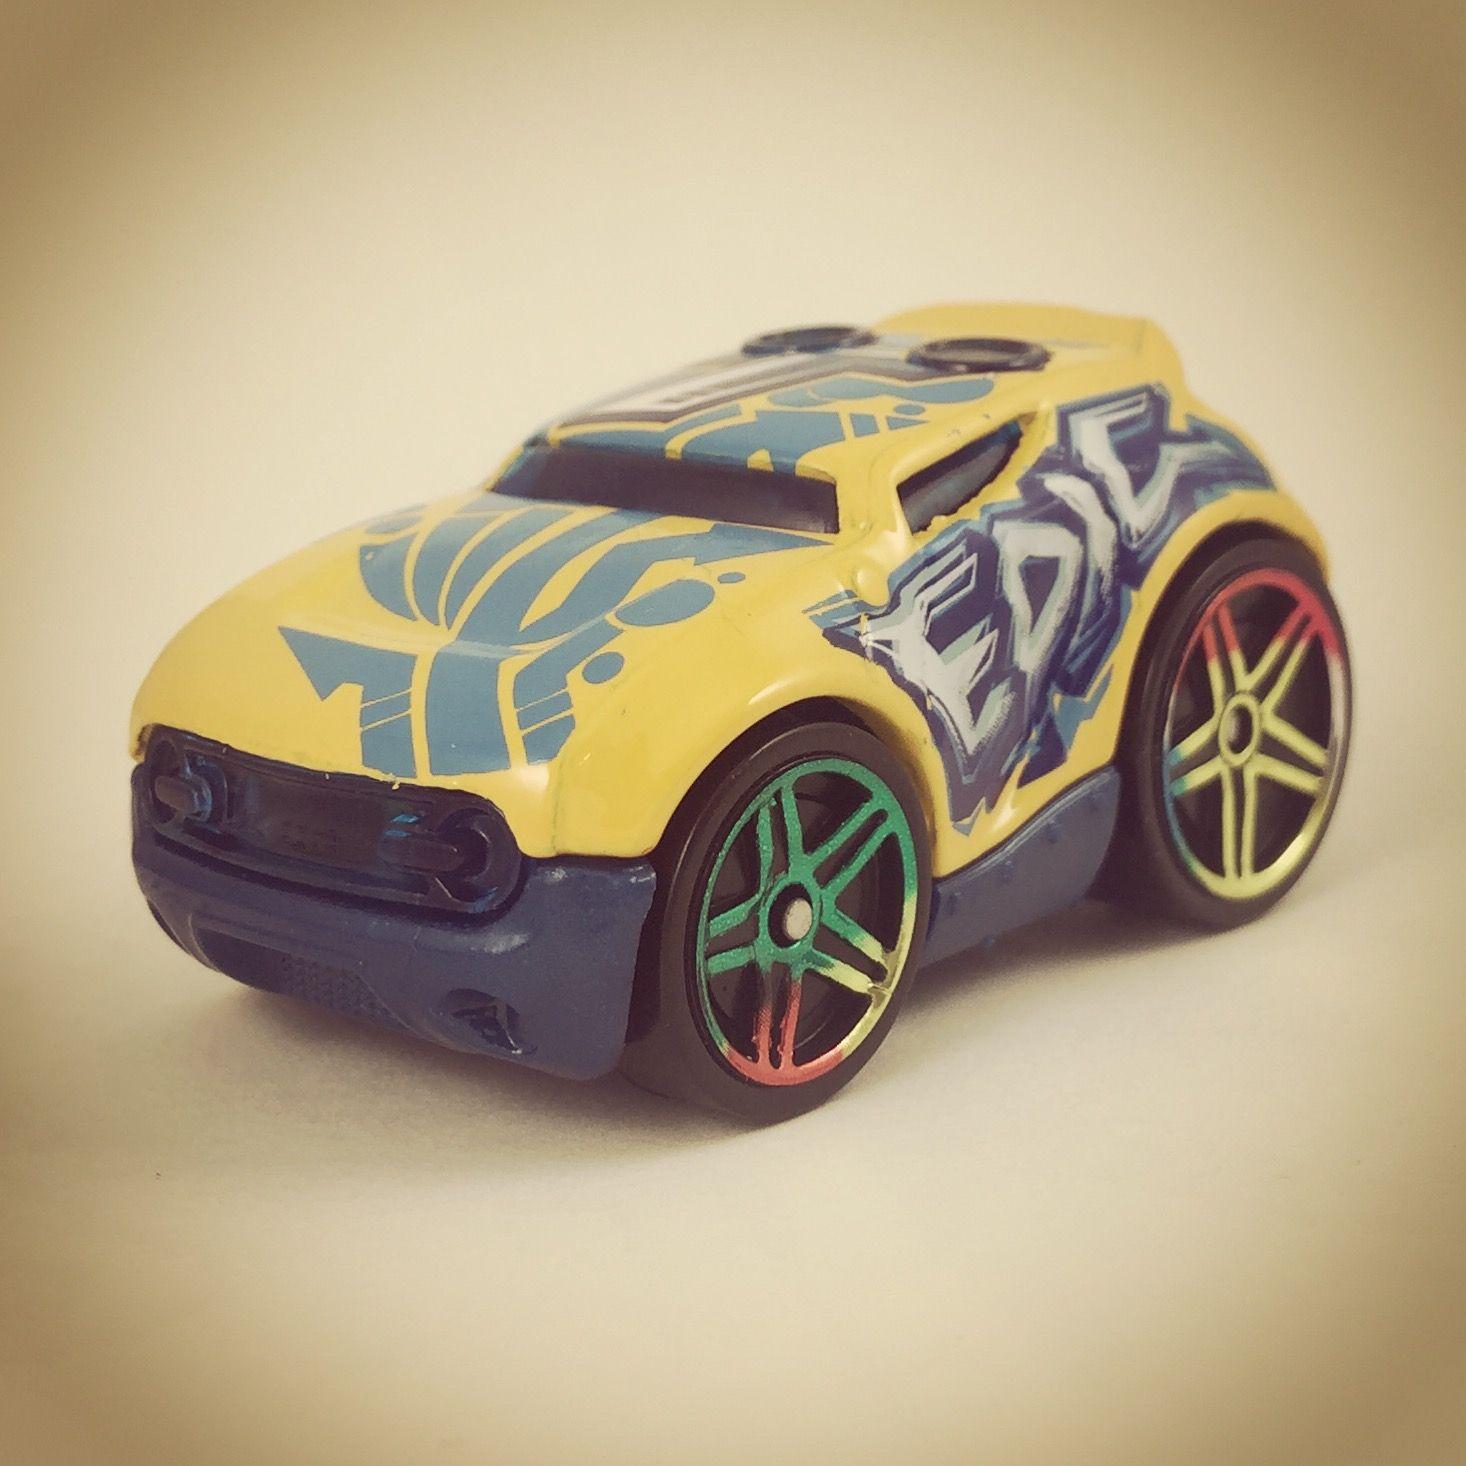 303335ffd0d46594520d264eb390c9a8 Elegant Bugatti Veyron toy Car Hot Wheels Cars Trend